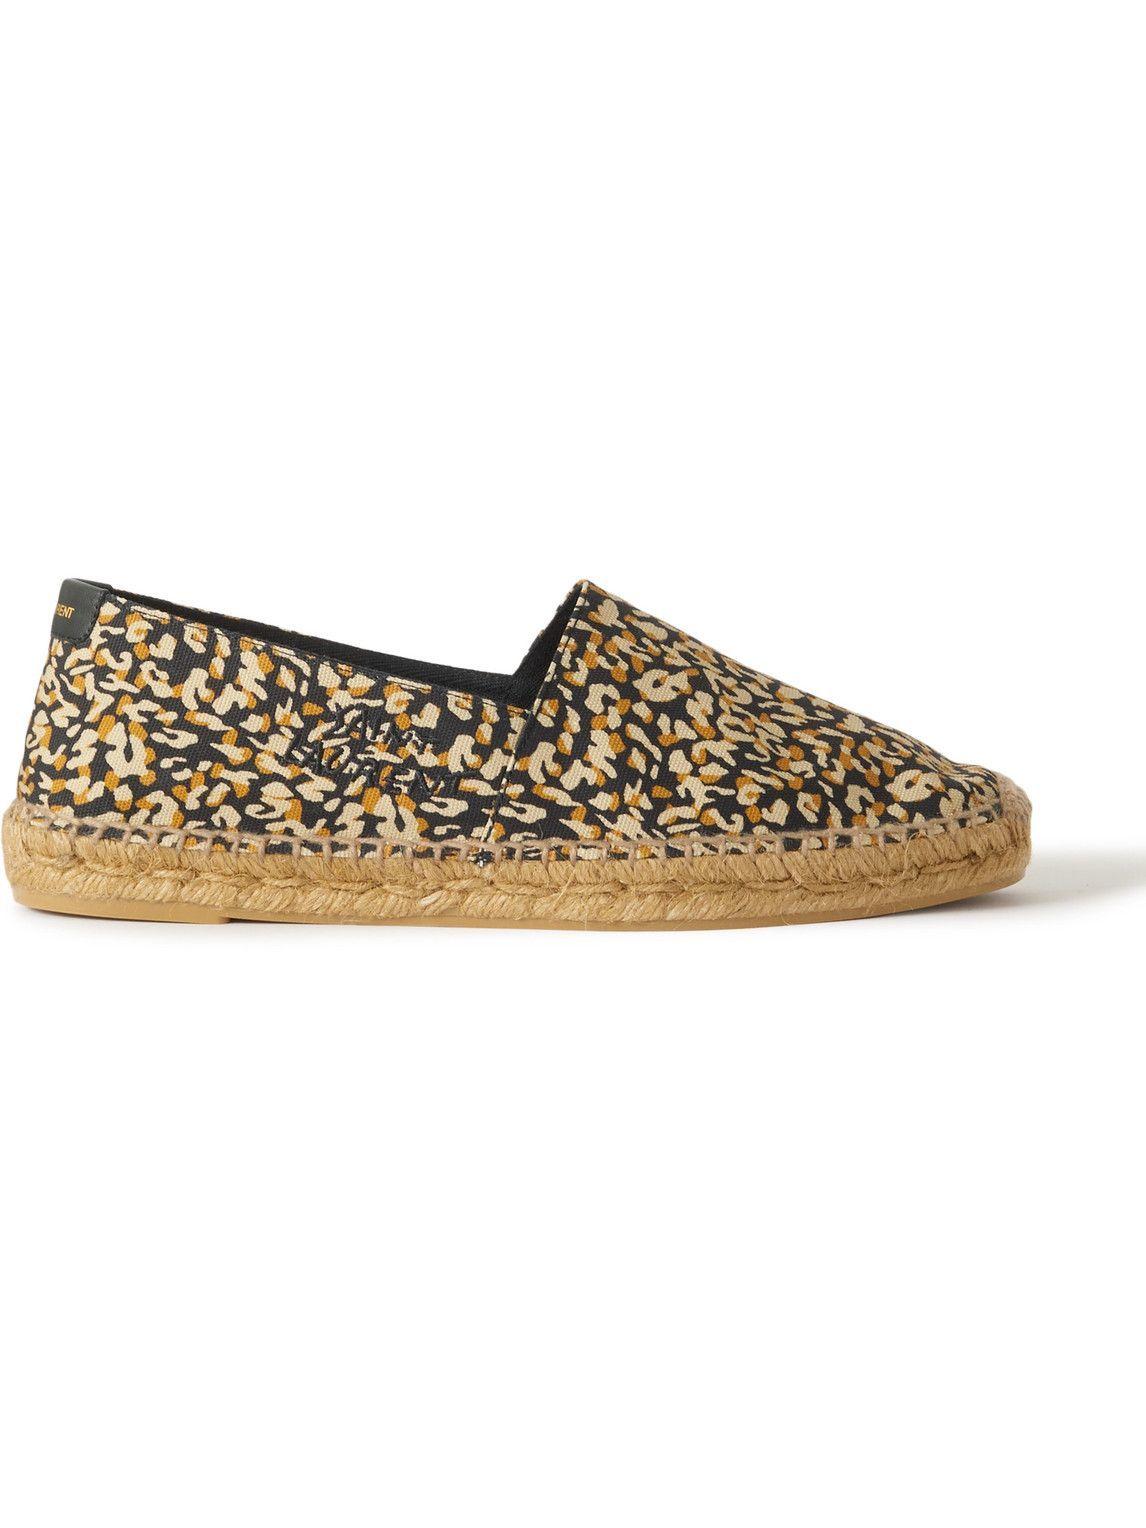 Photo: SAINT LAURENT - Leather-Trimmed Leopard-Print Cotton-Canvas Espadrilles - Brown